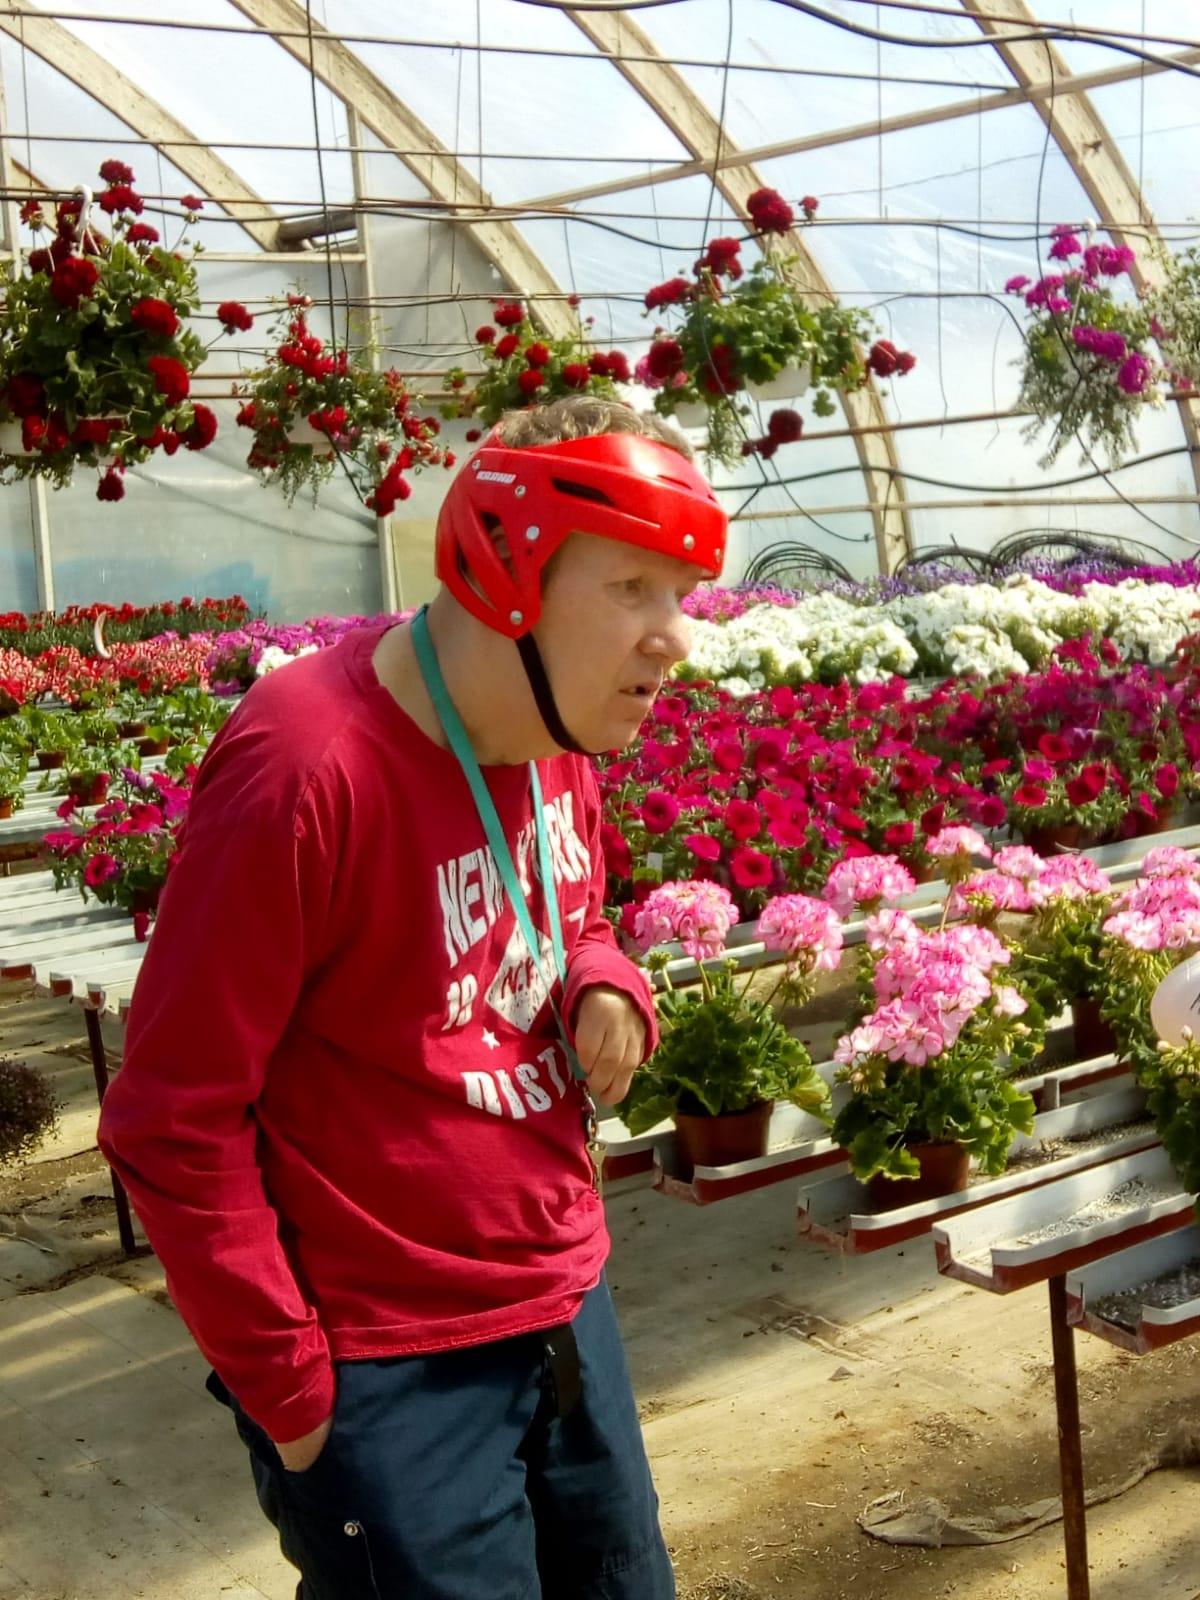 Kukkaloistoa puutarhalla ihastelemassa